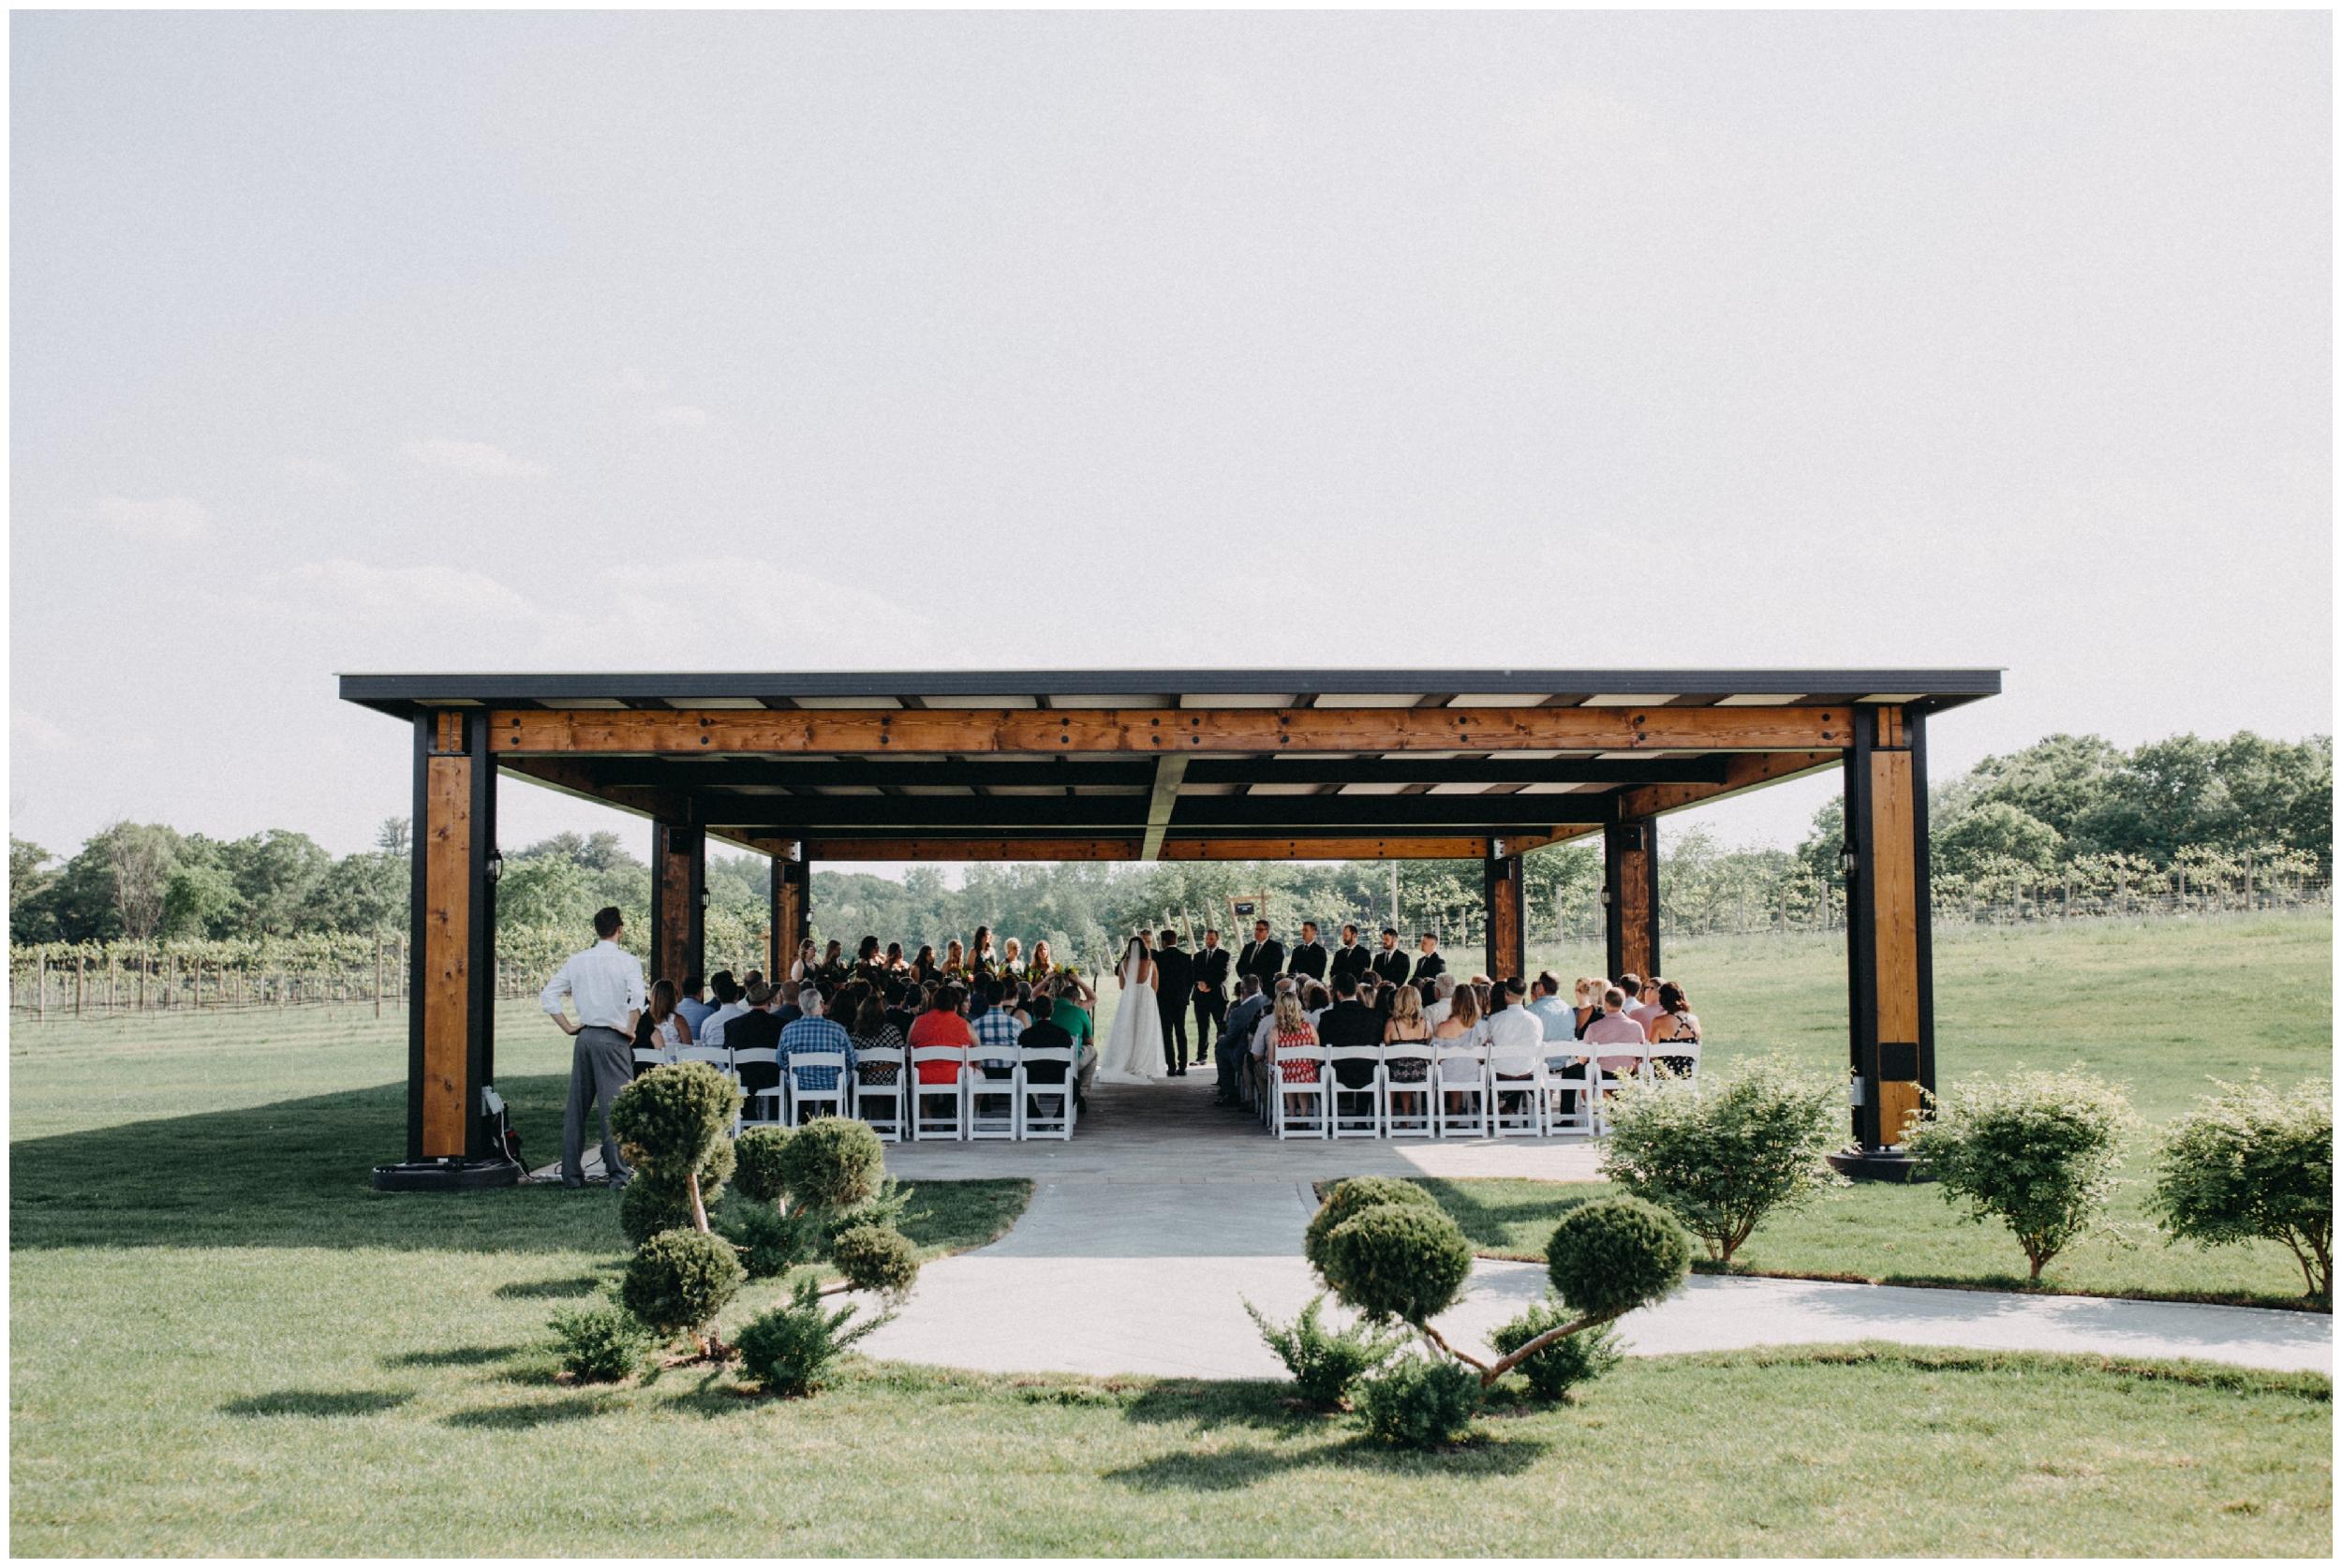 Outdoor vineyard wedding ceremony in Minnesota